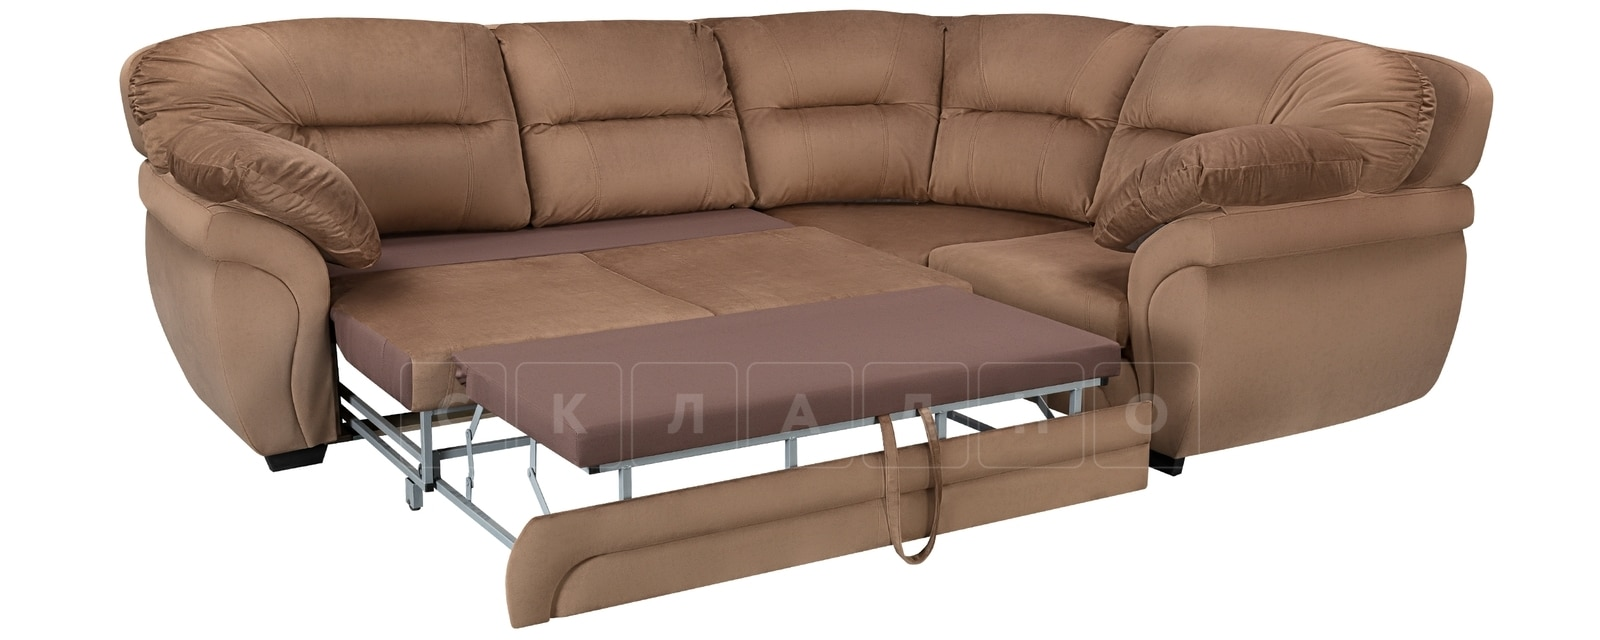 Диван угловой Бристоль велюр коричневый правый угол фото 4 | интернет-магазин Складно